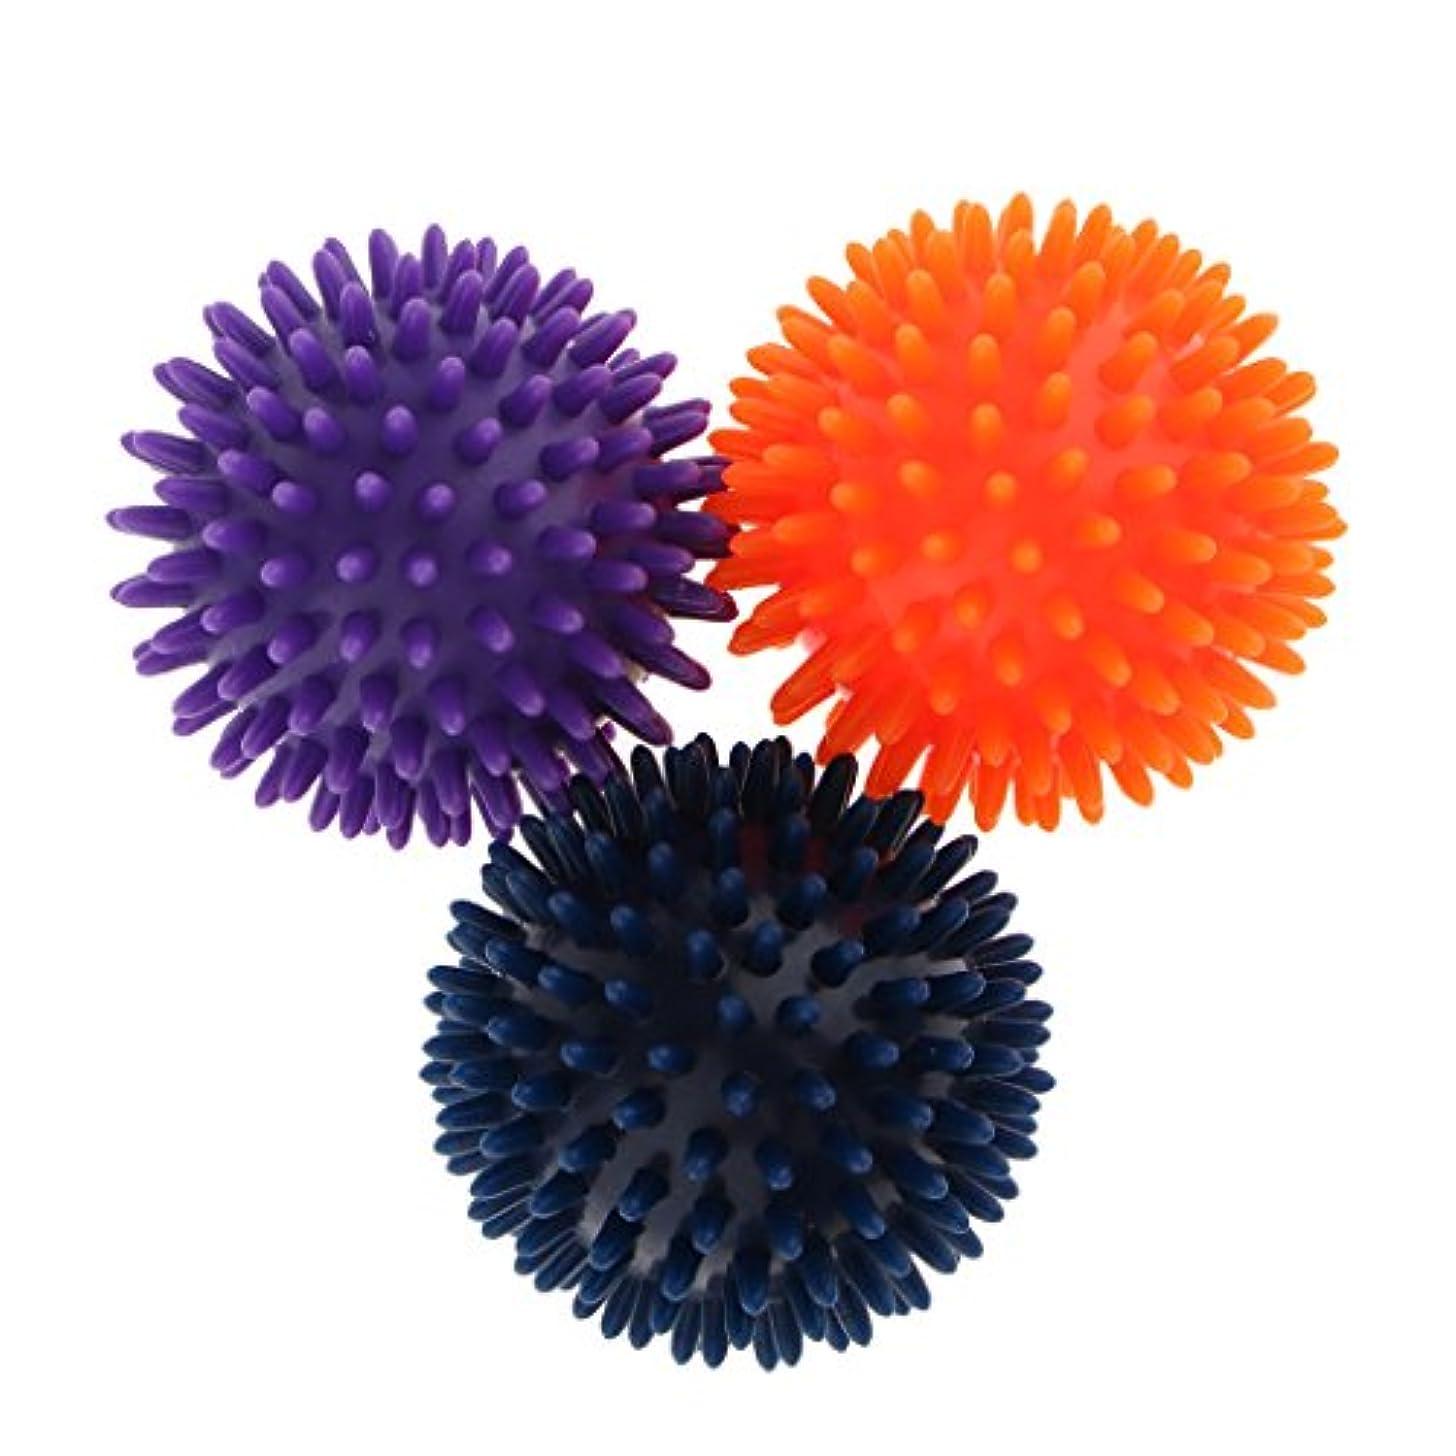 切るボウリングめまいがマッサージボール スパイシー マッサージ ボディトリガー リラックス 3個セット 2タイプ選べ - パープルオレンジブルー, 8cm